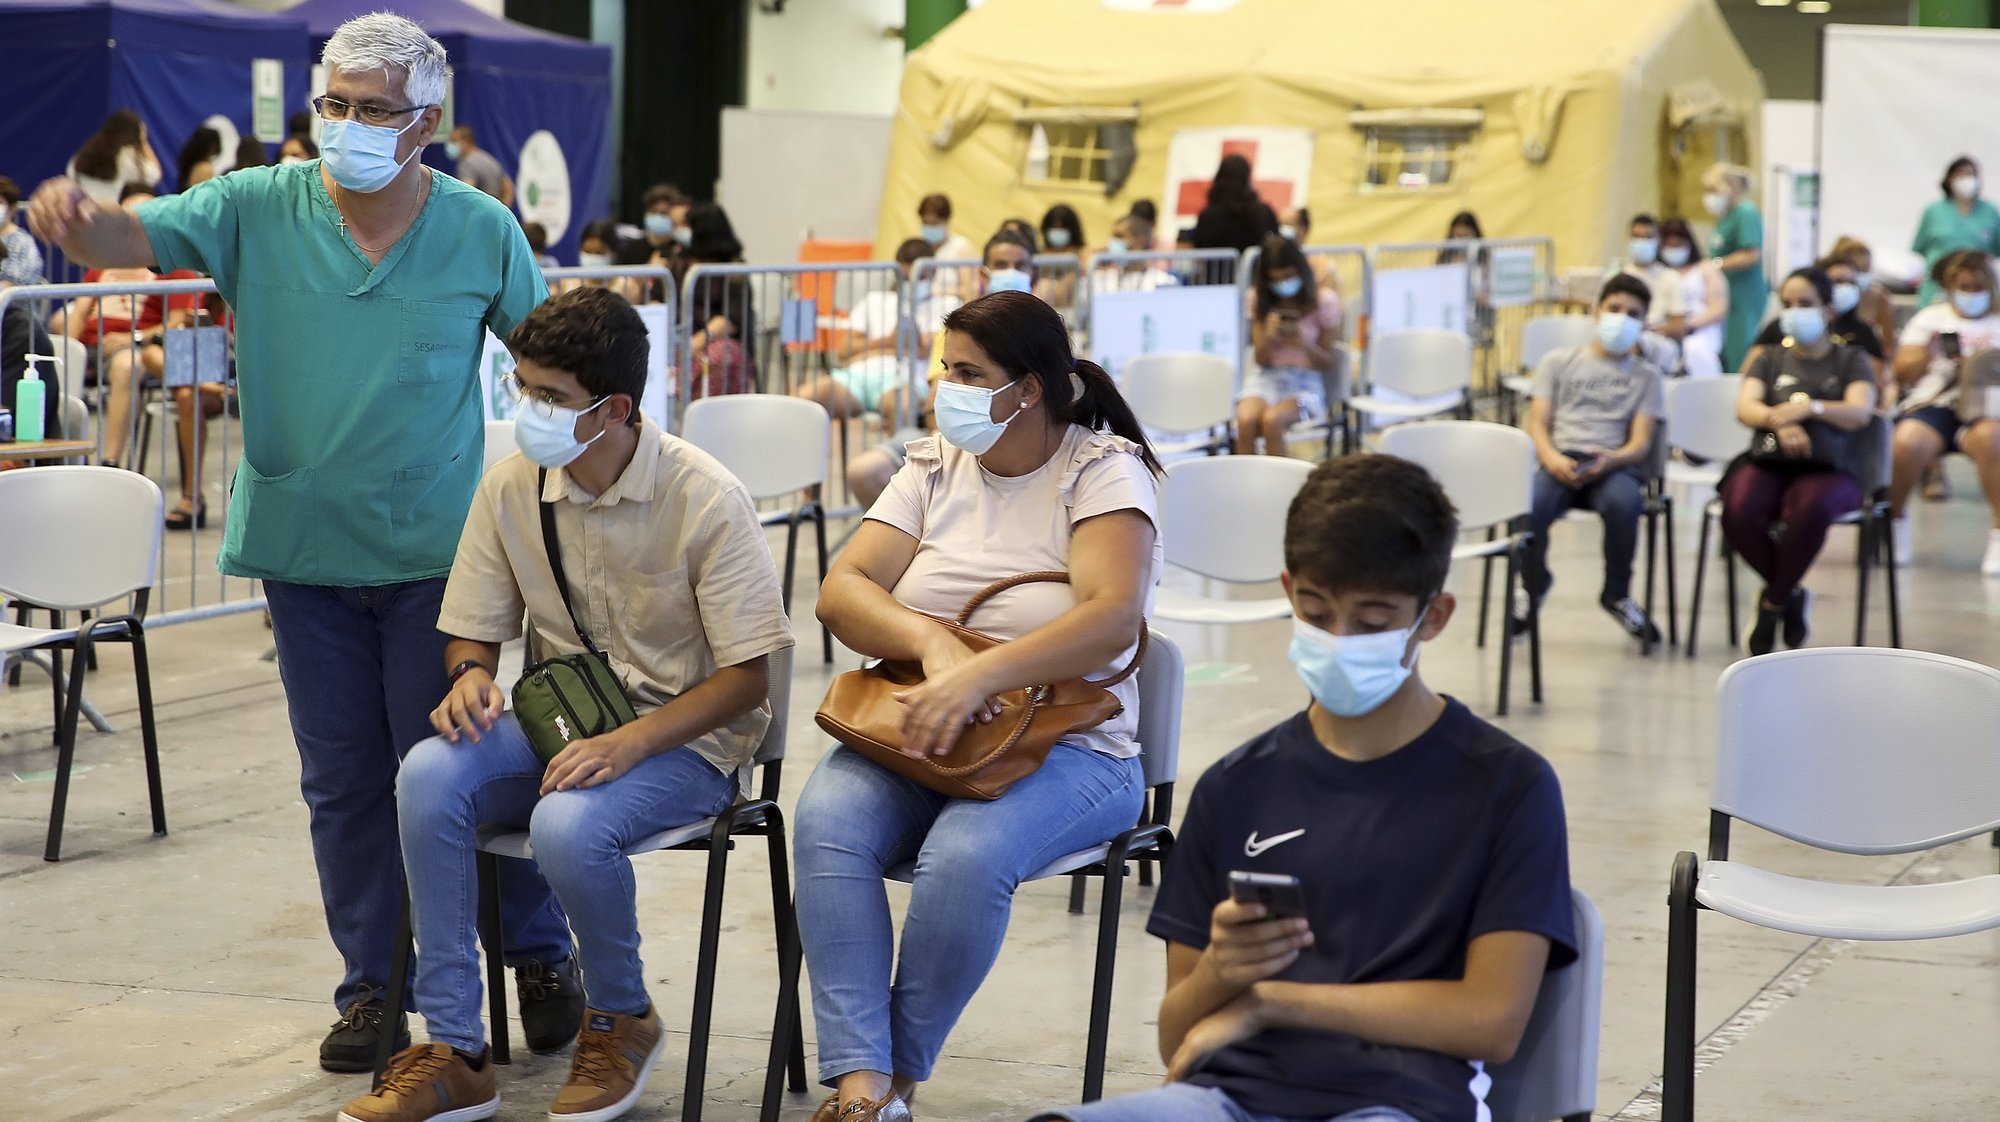 Centenas de adolescentes residentes na Madeira afluíram hoje ao Centro de Vacinação do Funchal para serem vacinados contra a covid-19, sendo esta a primeira região começar a inocular a partir dos 12 anos. Funchal, Ilha da Madeira, 31 de julho de 2021. HOMEM DE GOUVEIA/LUSA